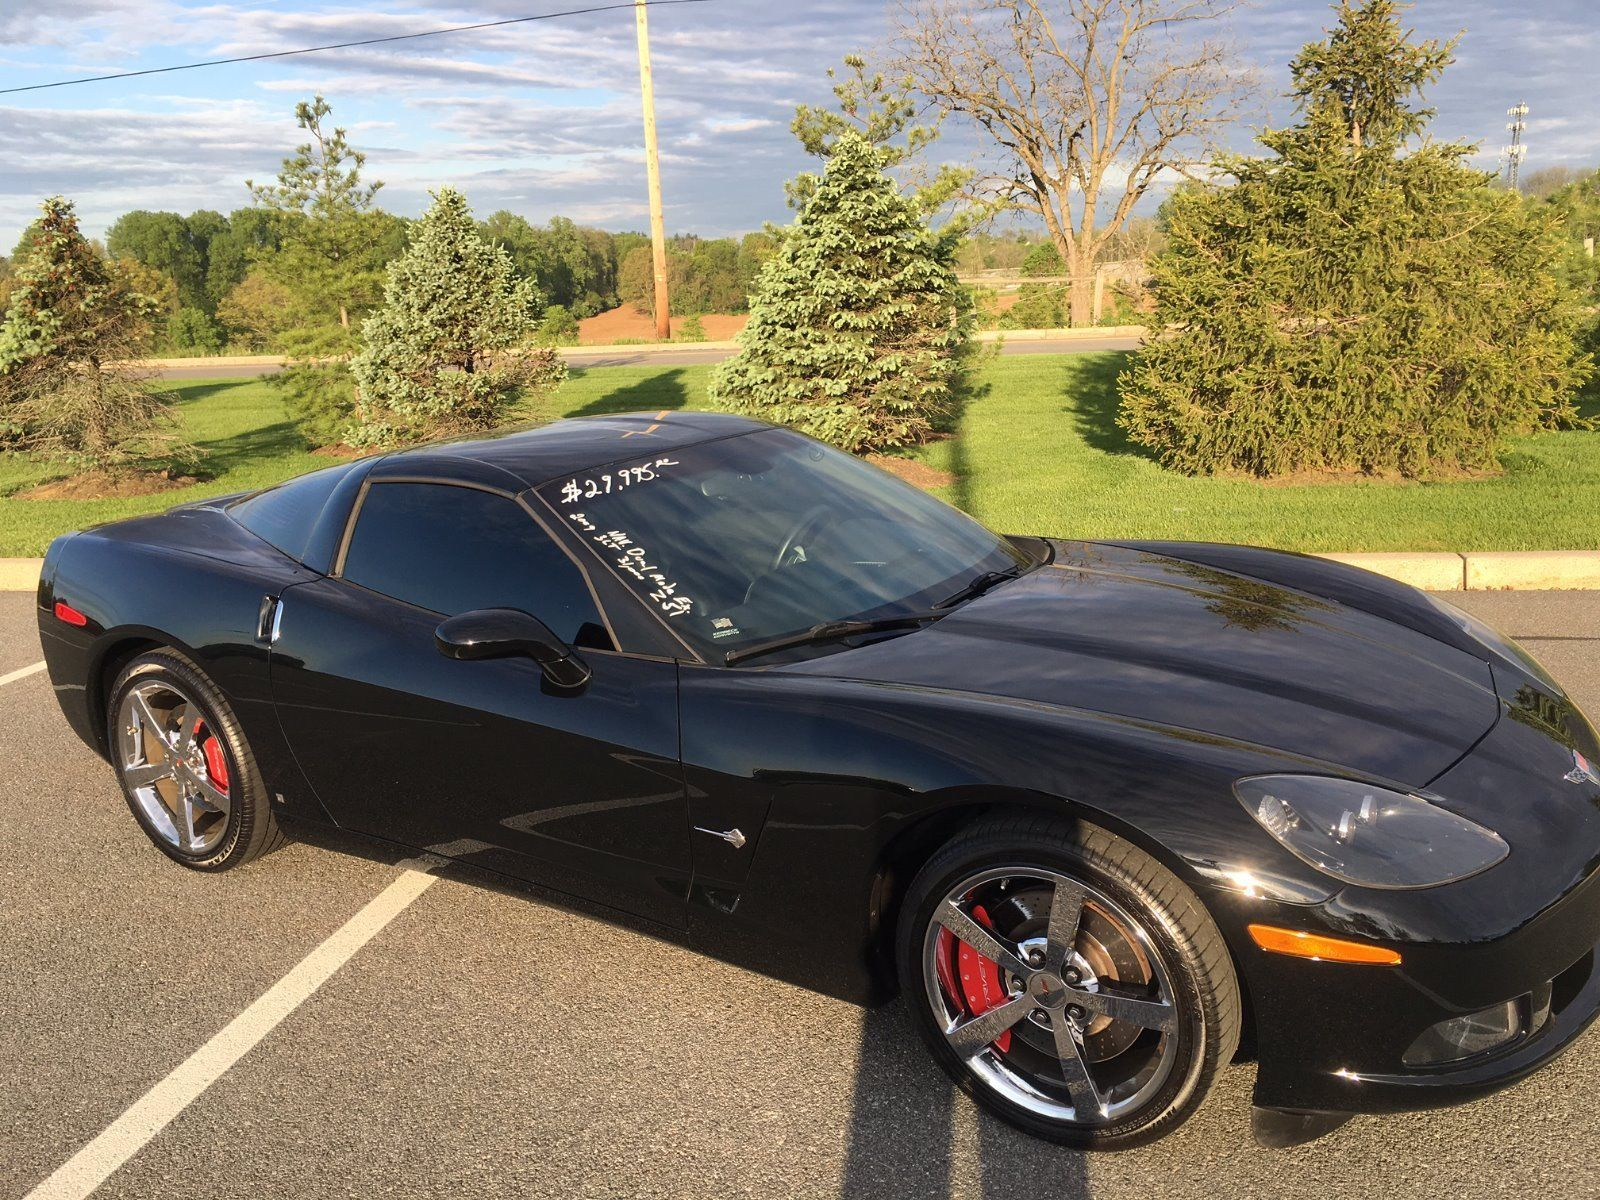 Best 20 2009 corvette ideas on pinterest corvette zr1 c6 corvette wheels and corvette c6 z06